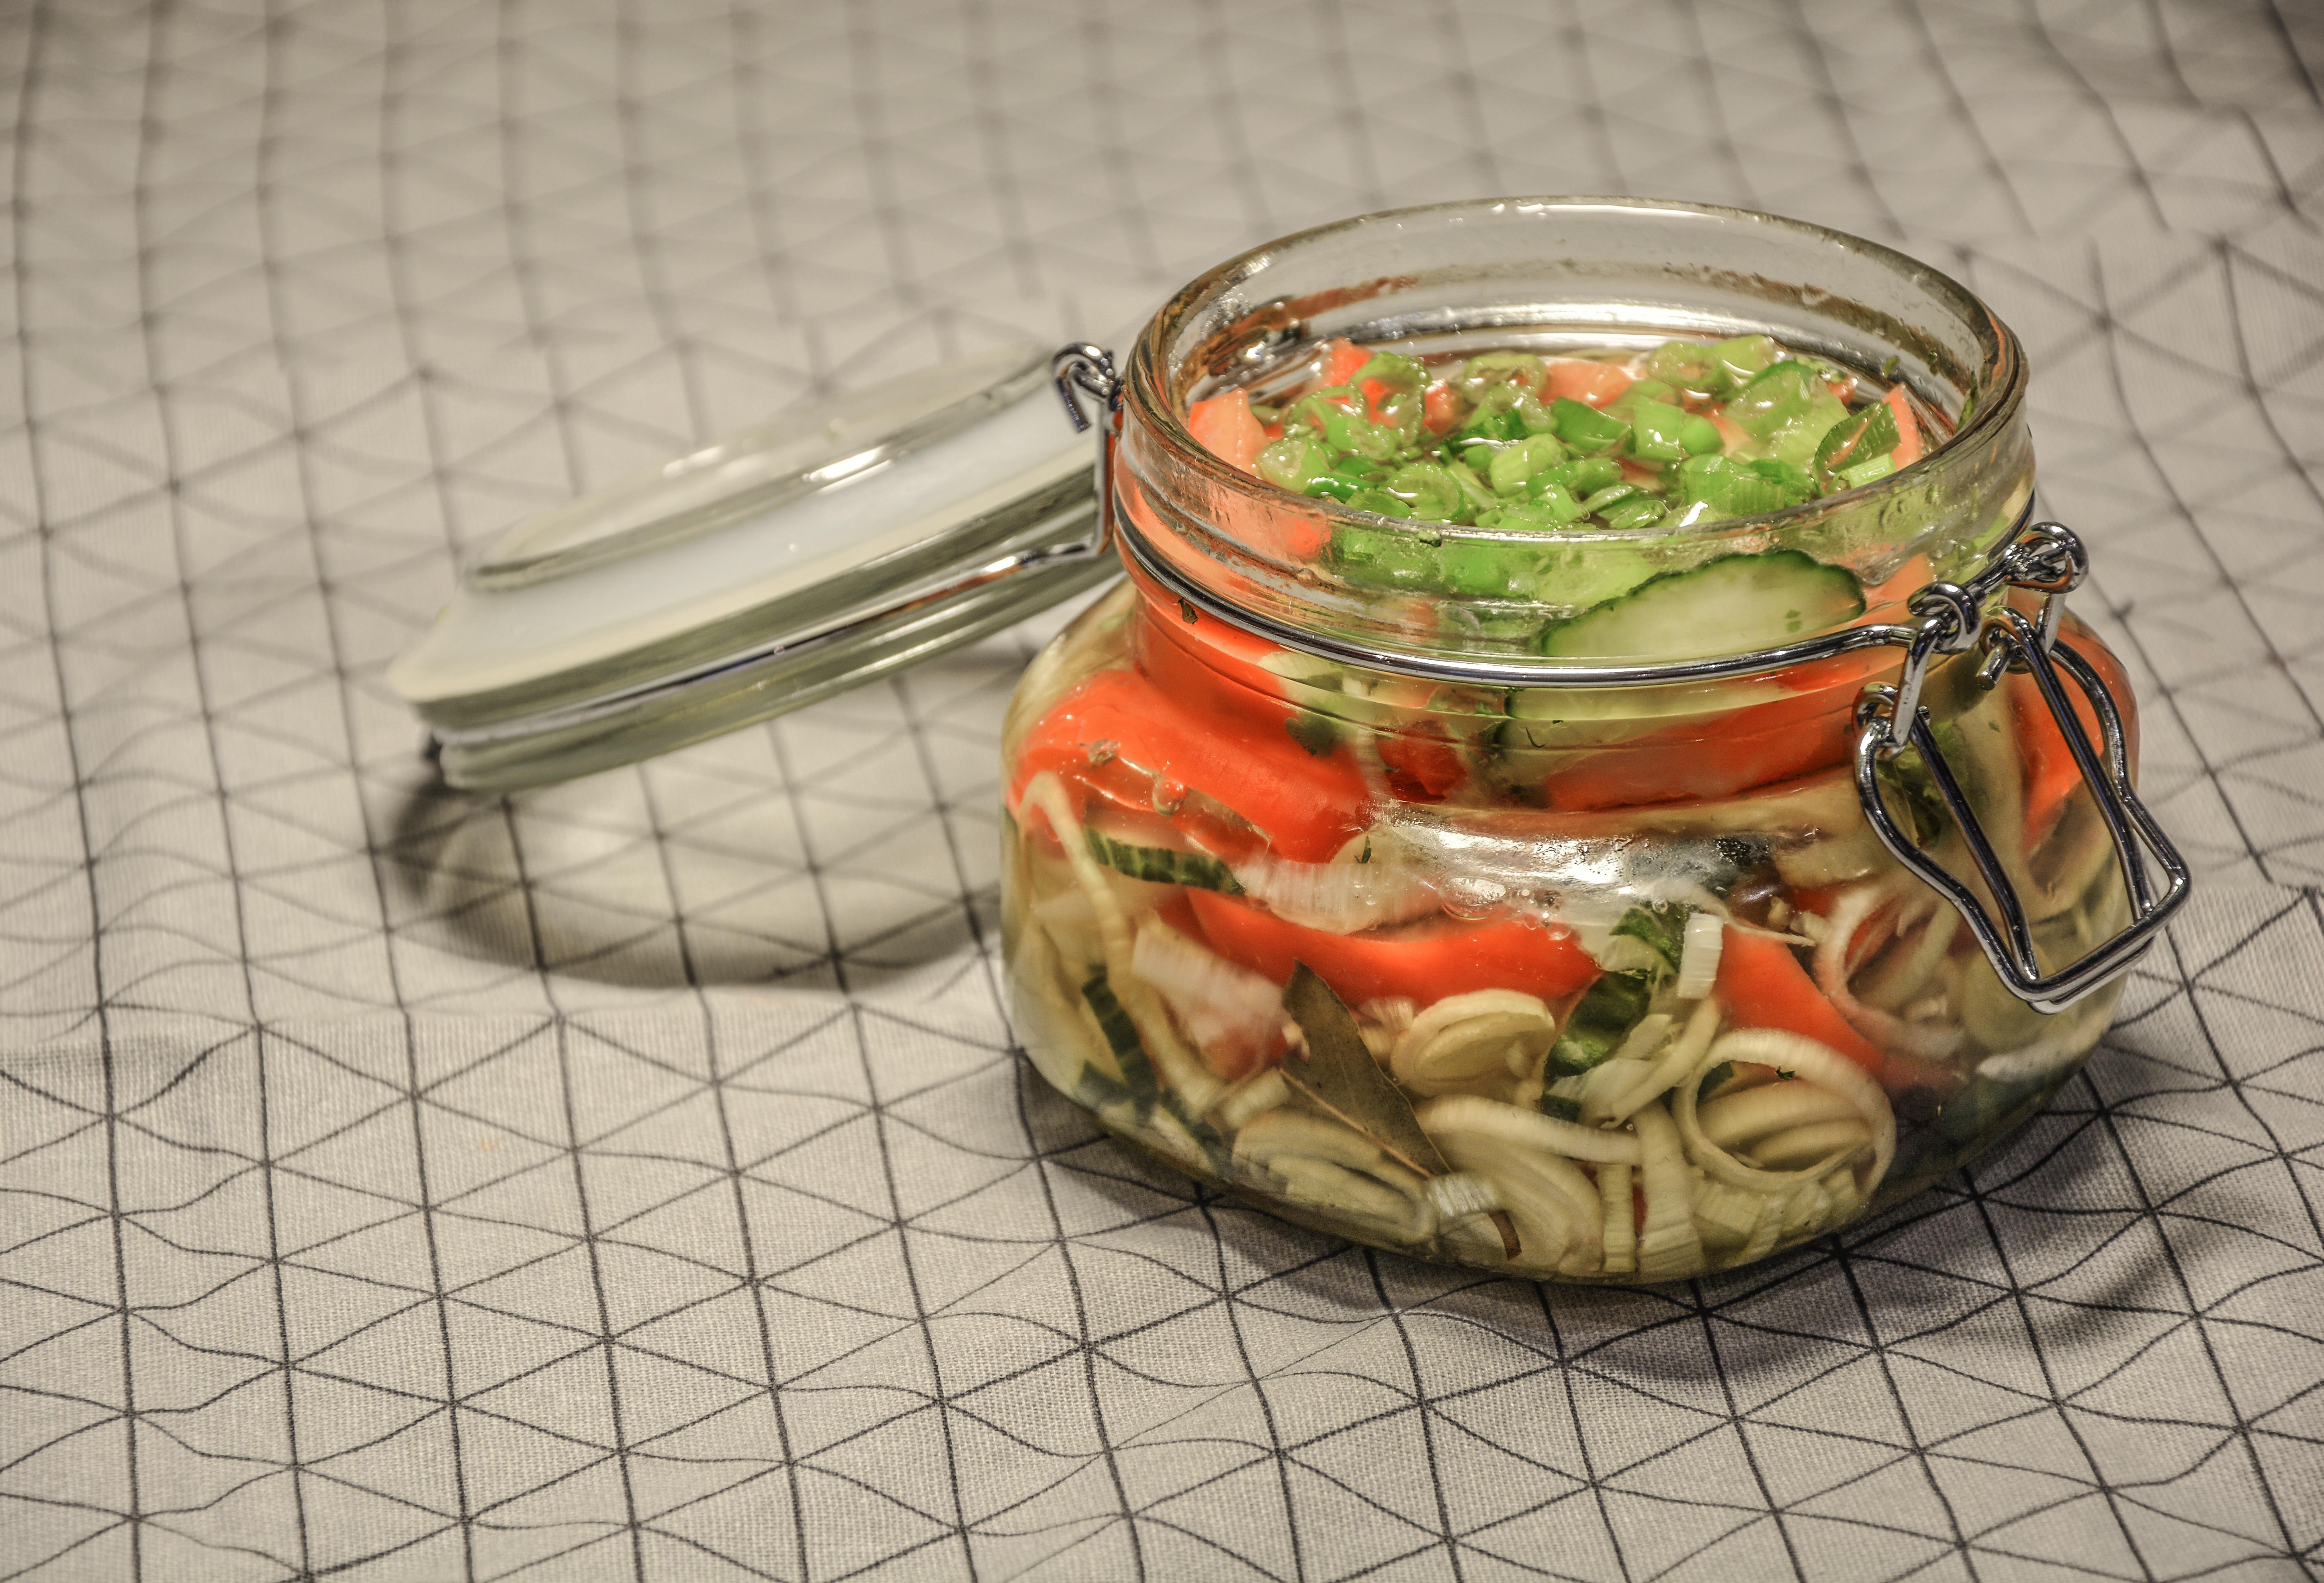 images gratuites hiver verre pot plat salade ingr dient produire l gume naturel en. Black Bedroom Furniture Sets. Home Design Ideas